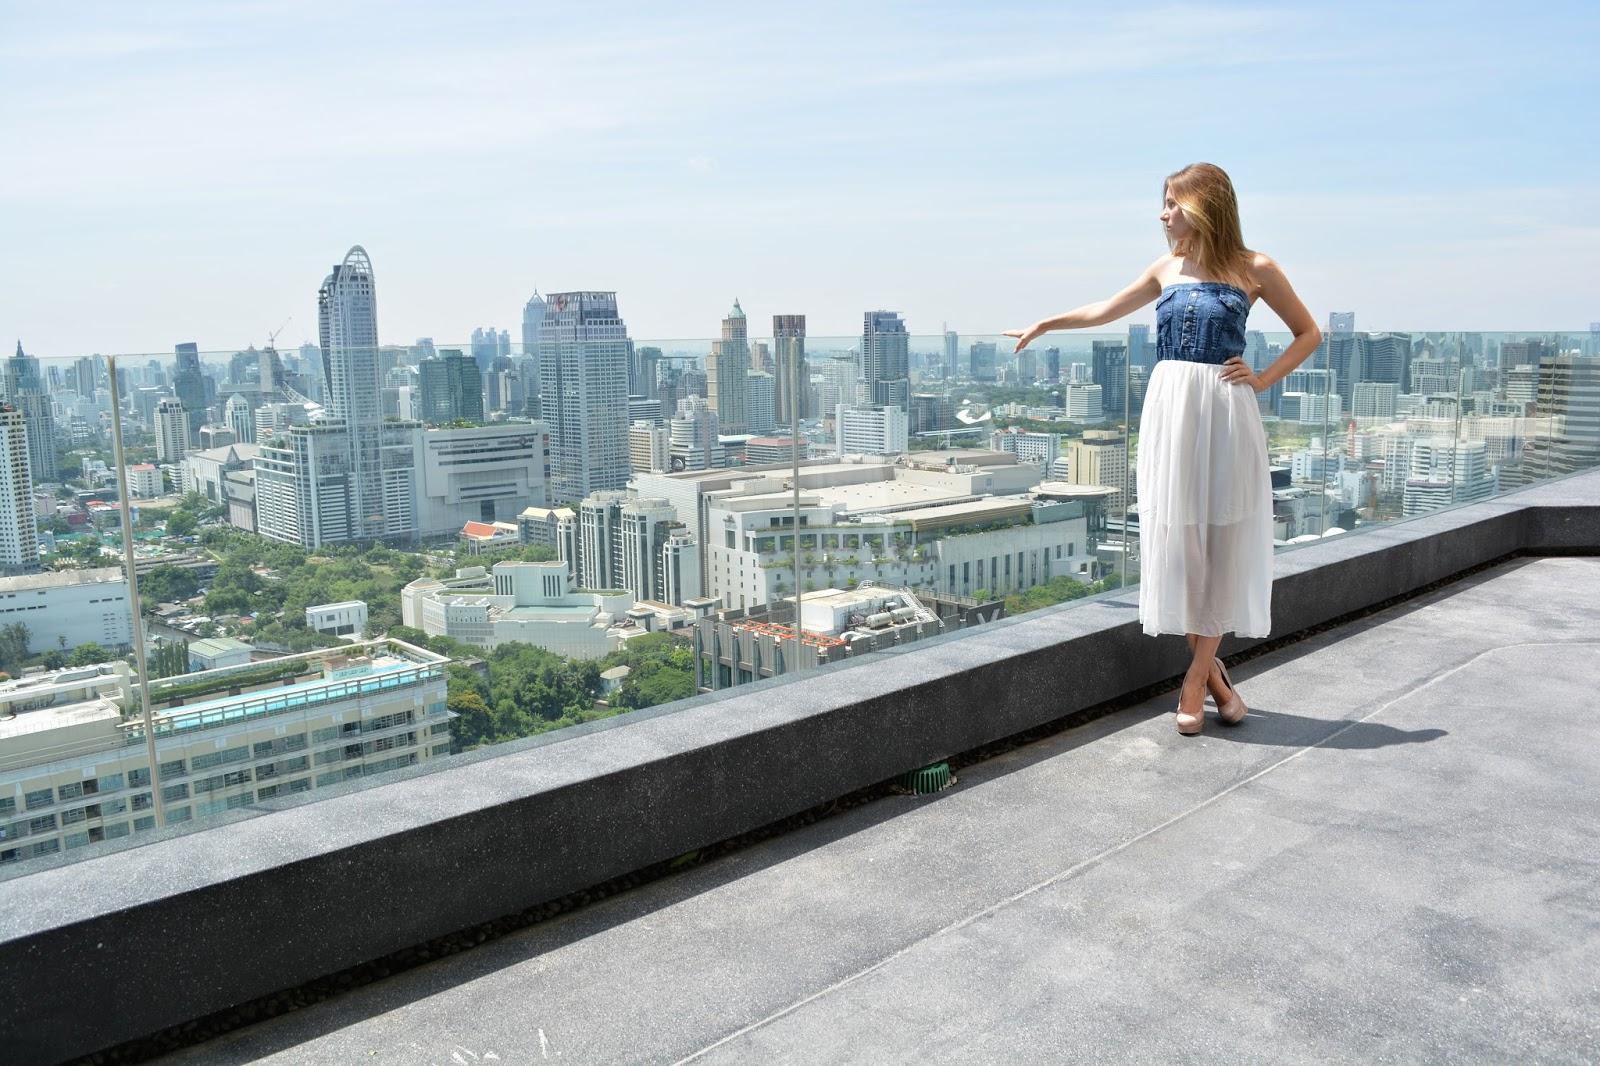 Thajské království, Thajsko, dovolená v Thajsku, Thajsko na vlastní pěst, thajsko bez cestovky, letenky do thajska, kam v Bangkoku, ubytování v Bangkoku, nákupy v bangkoku, modelka, modelka na střeše, mrakodrap, fashionhouse, fashion house, fashion house blog, šaty, dlouhé šaty, džínsové šaty, džínové šaty, jeansové šaty, letní šaty, výprodej letních šatů, levné šaty, češka žijící v zahraničí, češka žijící v Thajsku, Kristýna Vacková, nejlepší blog, český blog, zajímavý český blog, blog o cestování, blog o thajsku, lifestyle český blog, módní blog, fashion český blog, rooftop, kam v thajsku, průvodce po thajsku, plavky, levné plavky, bandeau plavky, bikiny, výprodej plavek